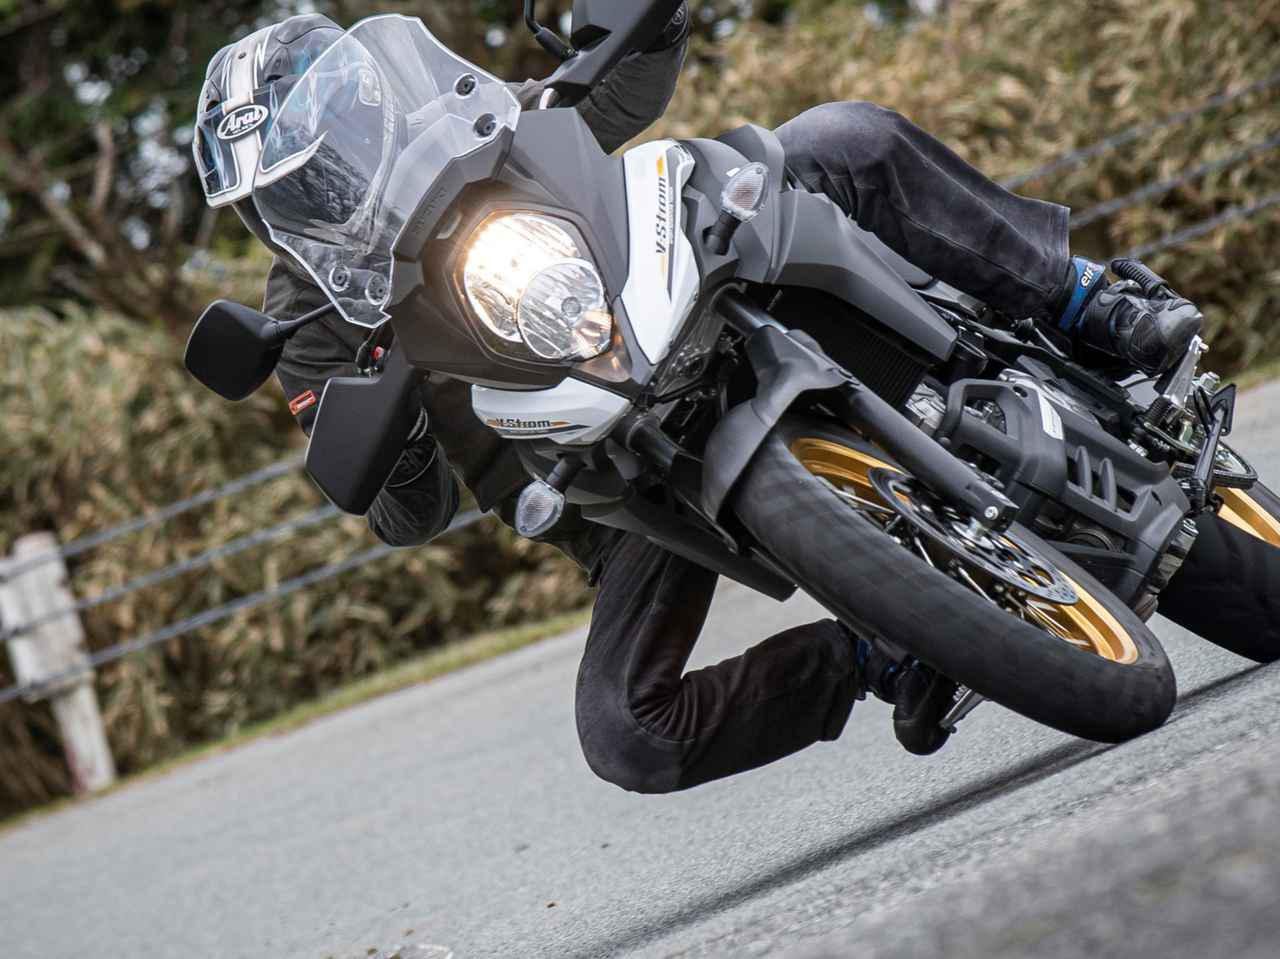 バイクを寝かせることが怖くない! 穏やかさを逆手にとって『Vストローム650XT』でワインディングも全力投球!?【SUZUKI V-Strom650XT ツーリングインプレ/レビュー コーナリング編】